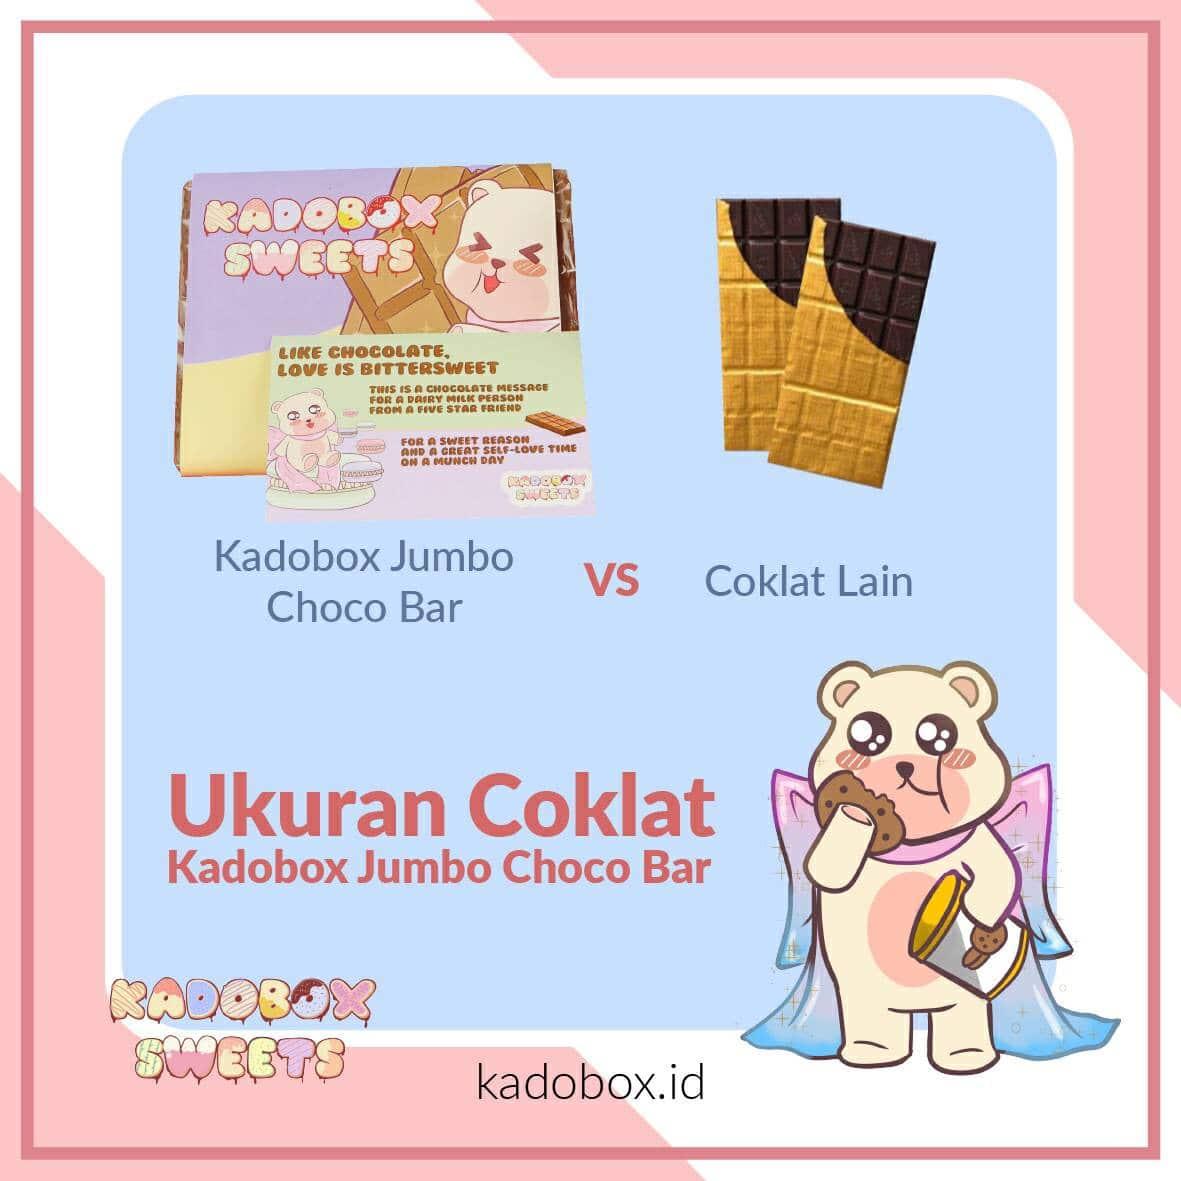 KADOBOX JUMBO CHOCO BAR - 3